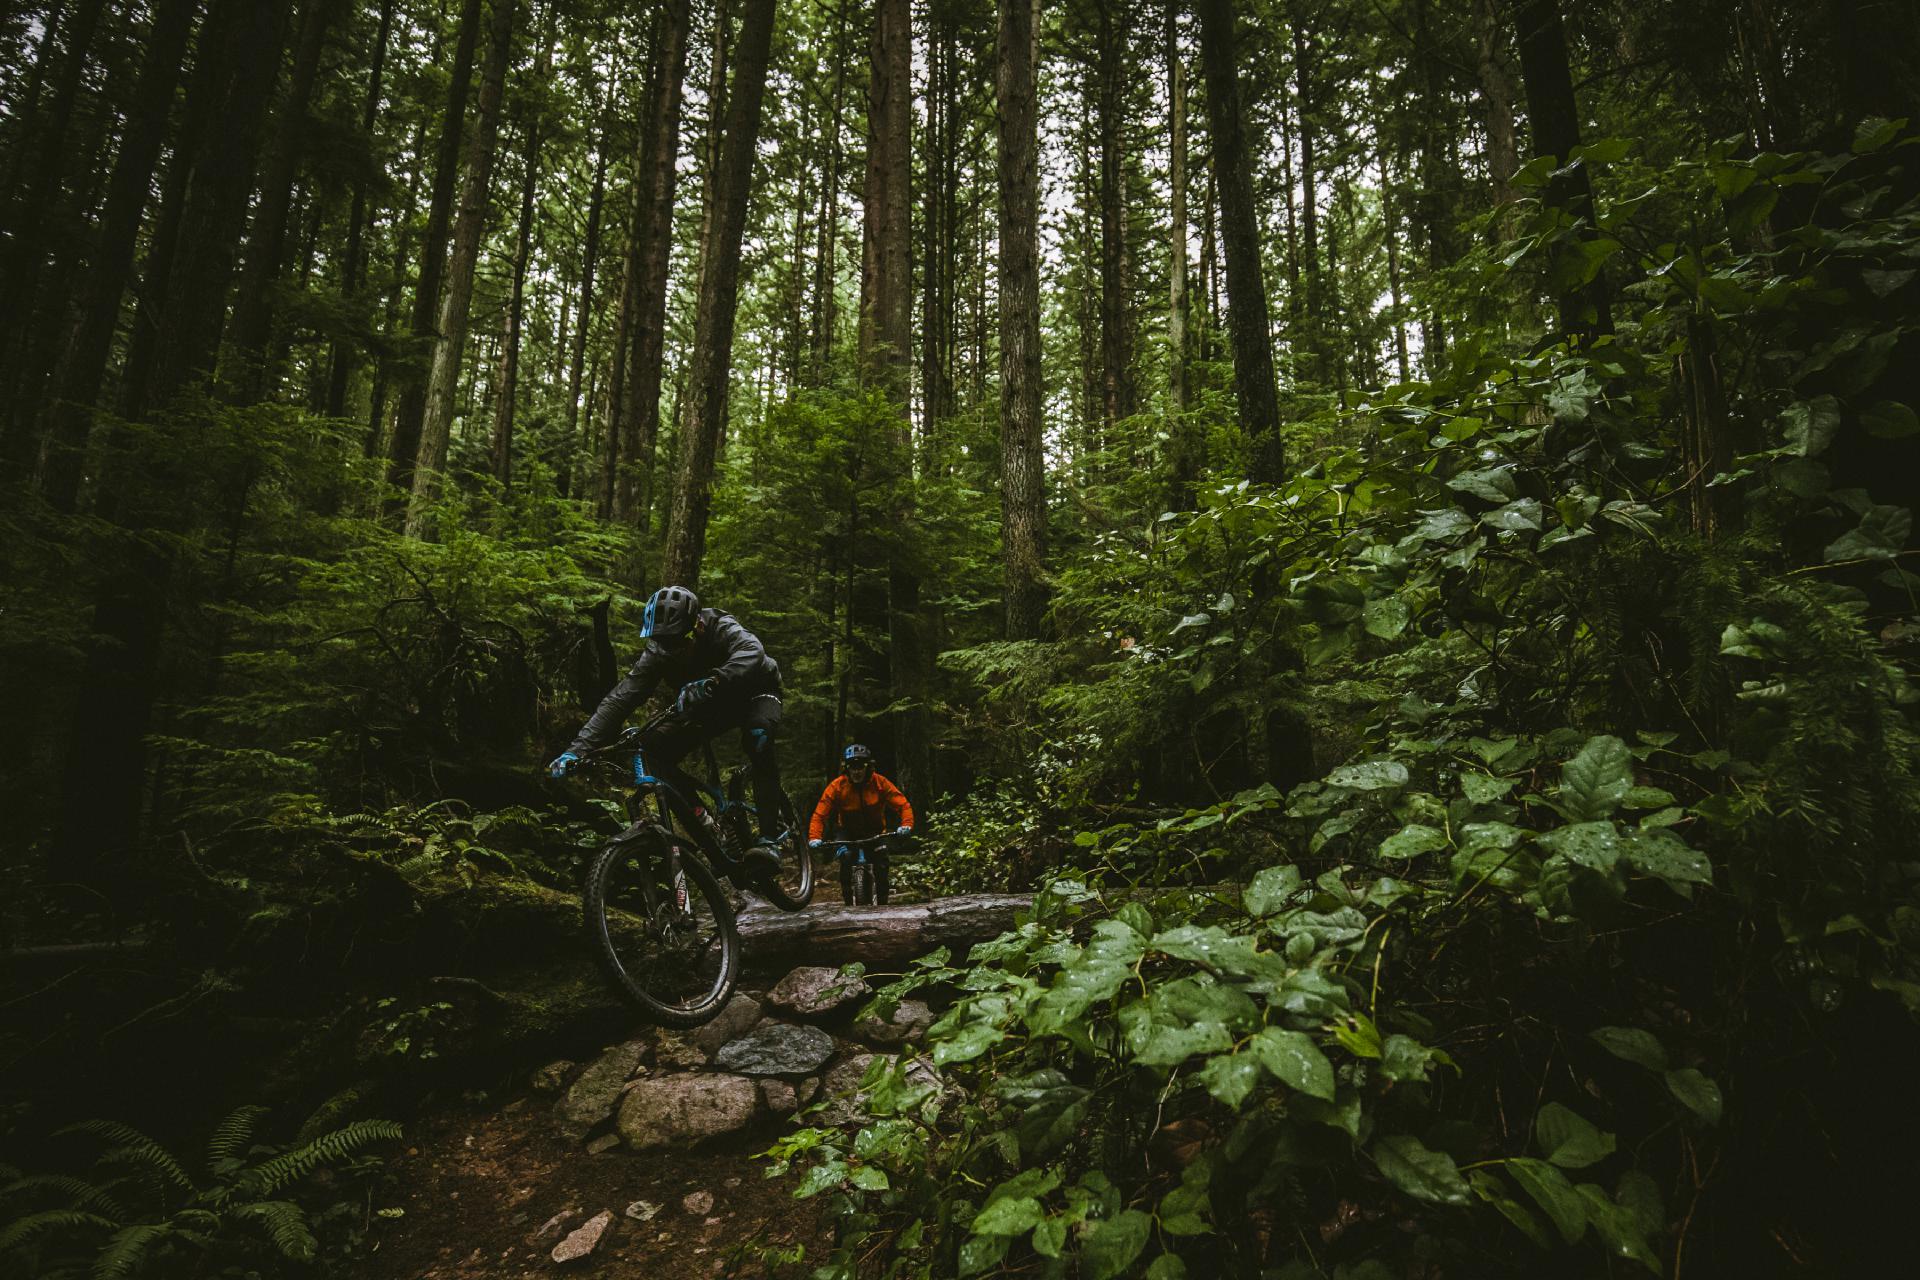 Schnelle Anstiege und rasante Abfahrten – dafür stehen die Sram Roam Laufräder.